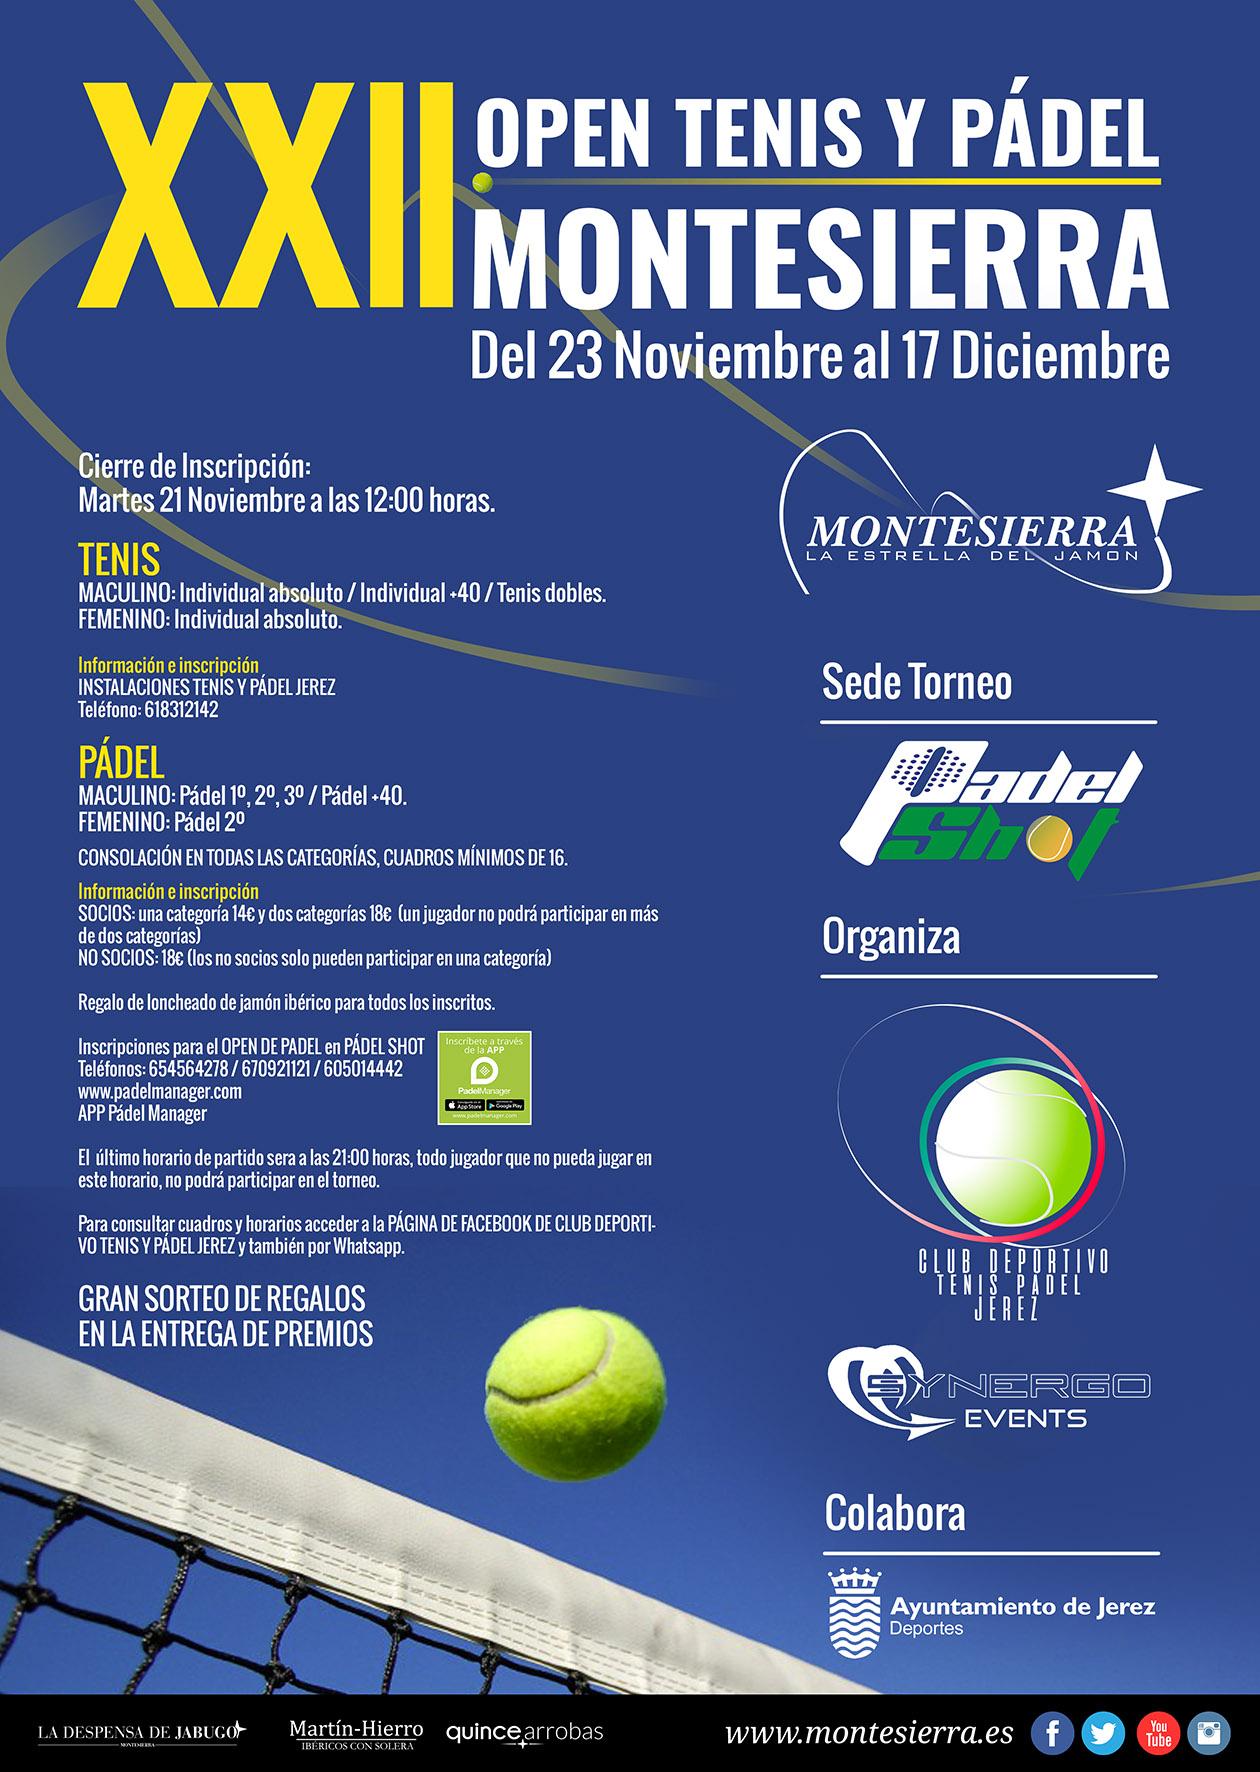 XXII Torneo de Pádel y tenis Montesierra